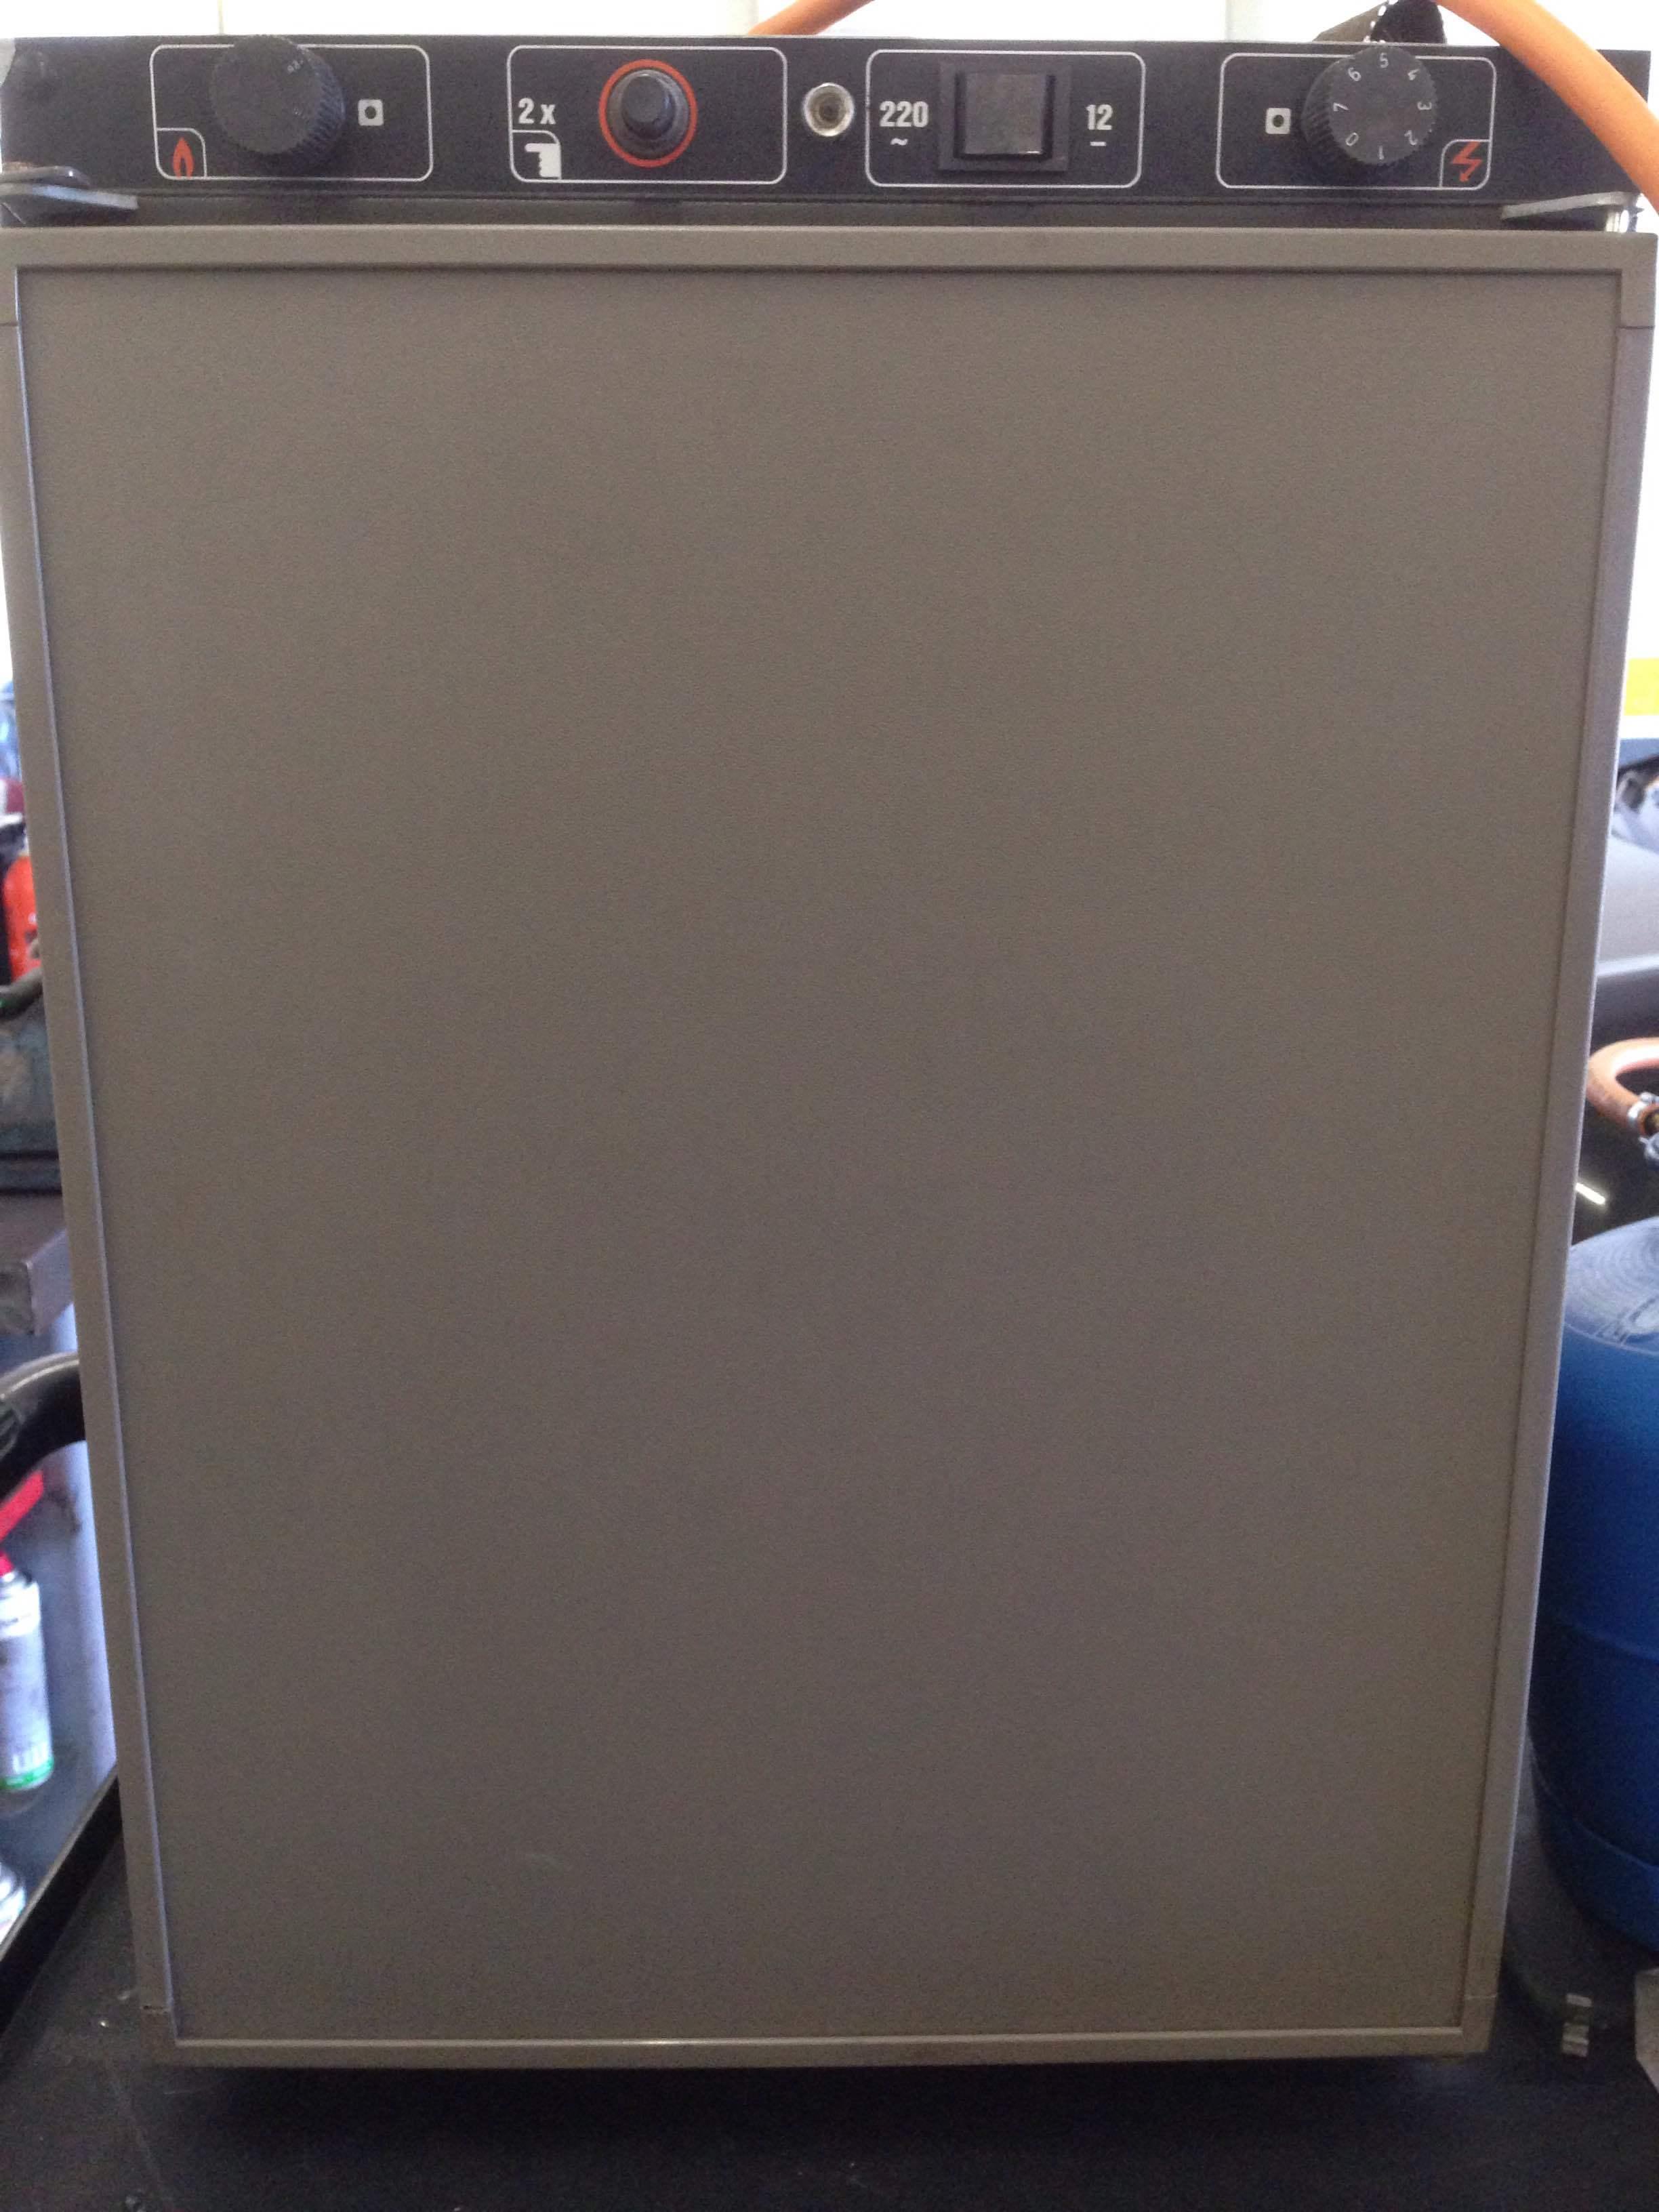 Welcher Kühlschrank ist das genau? - Camping - VWBUSFORUM.CH